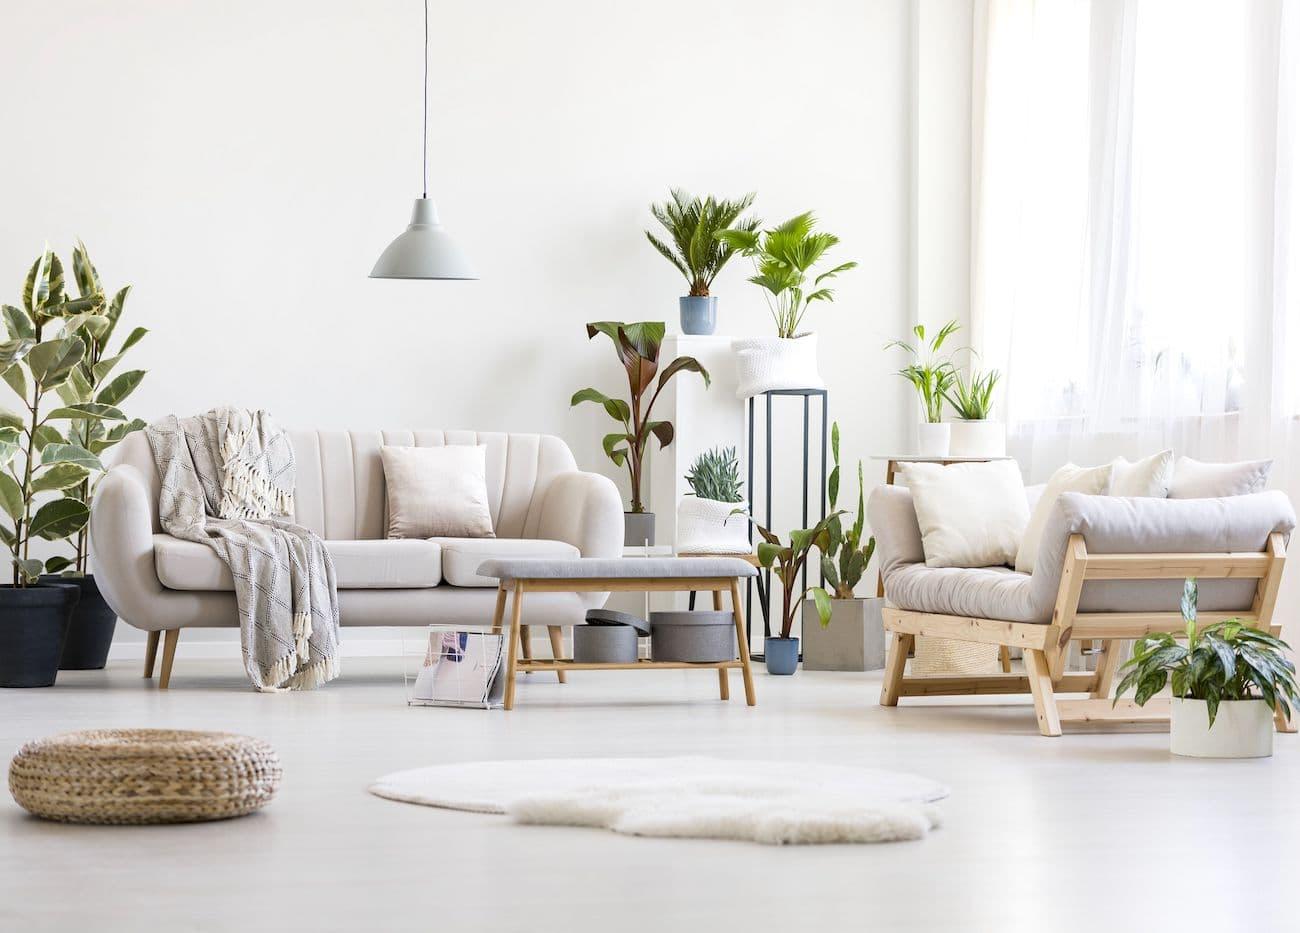 комнатные растения в интерьере фото 21